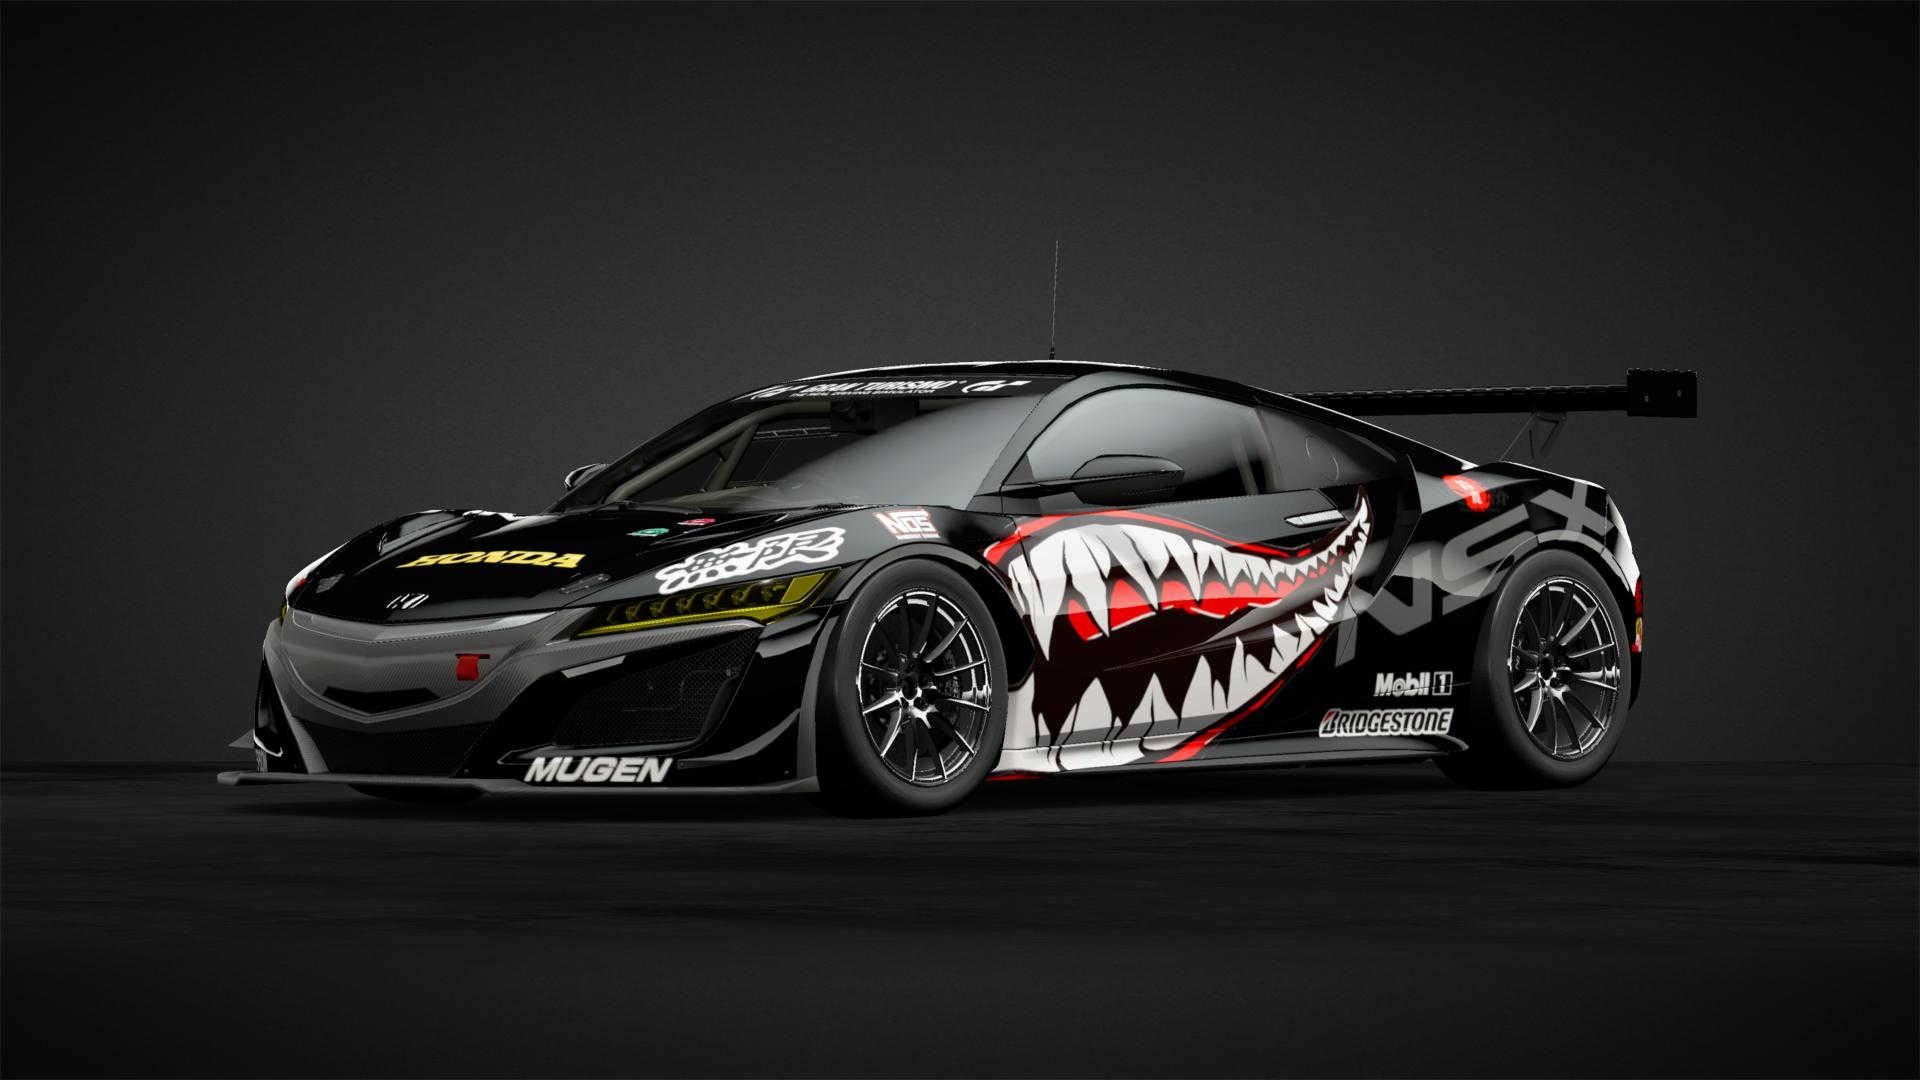 Honda NSX racing livery